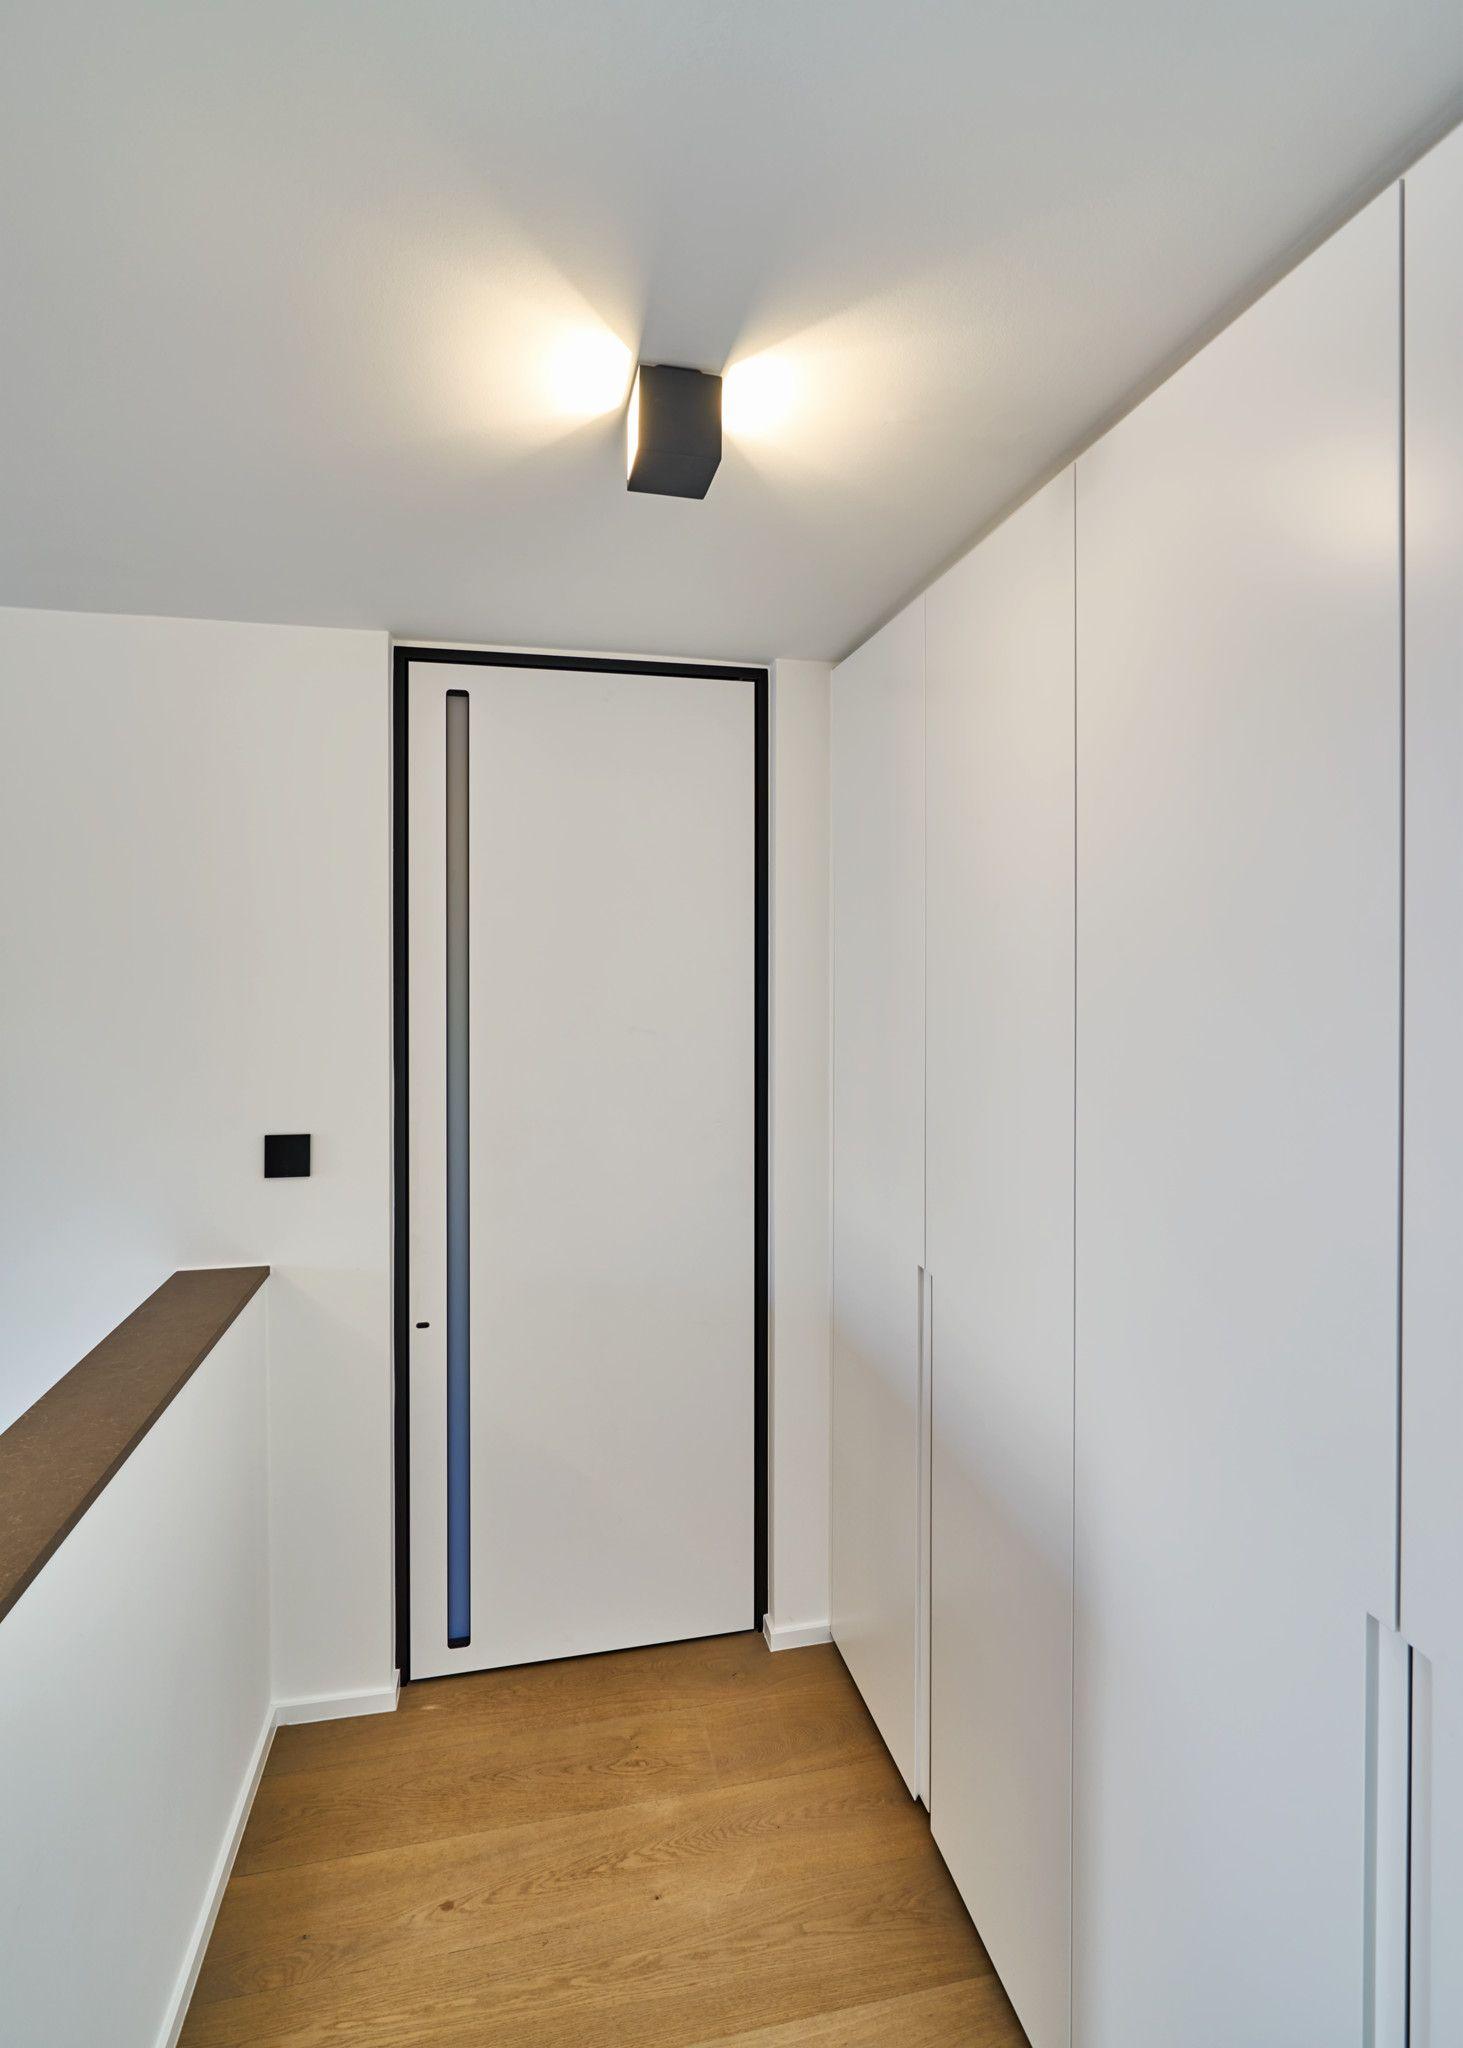 moderne binnendeur van vloer tot plafond met een zwarte omlijsting en een ingebouwde handgreep. Black Bedroom Furniture Sets. Home Design Ideas